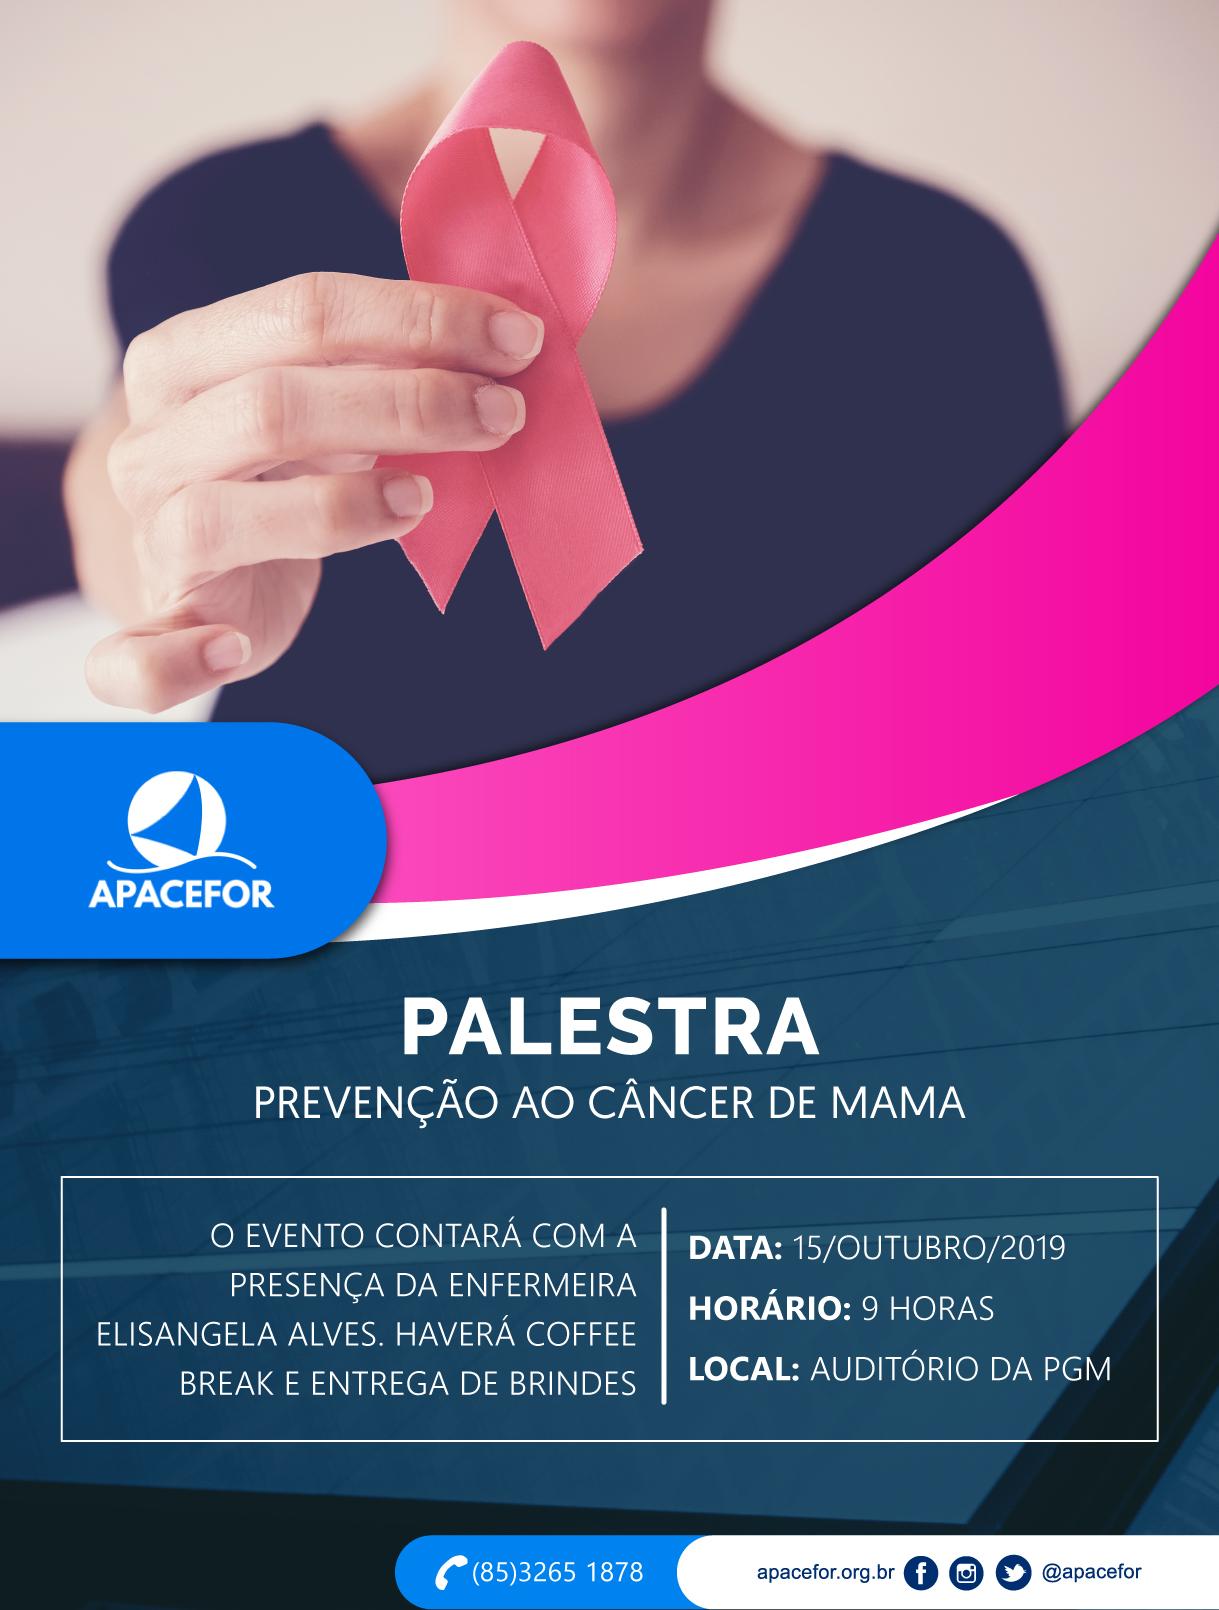 APACEFOR promoverá manhã de sensibilização contra o Câncer de Mama